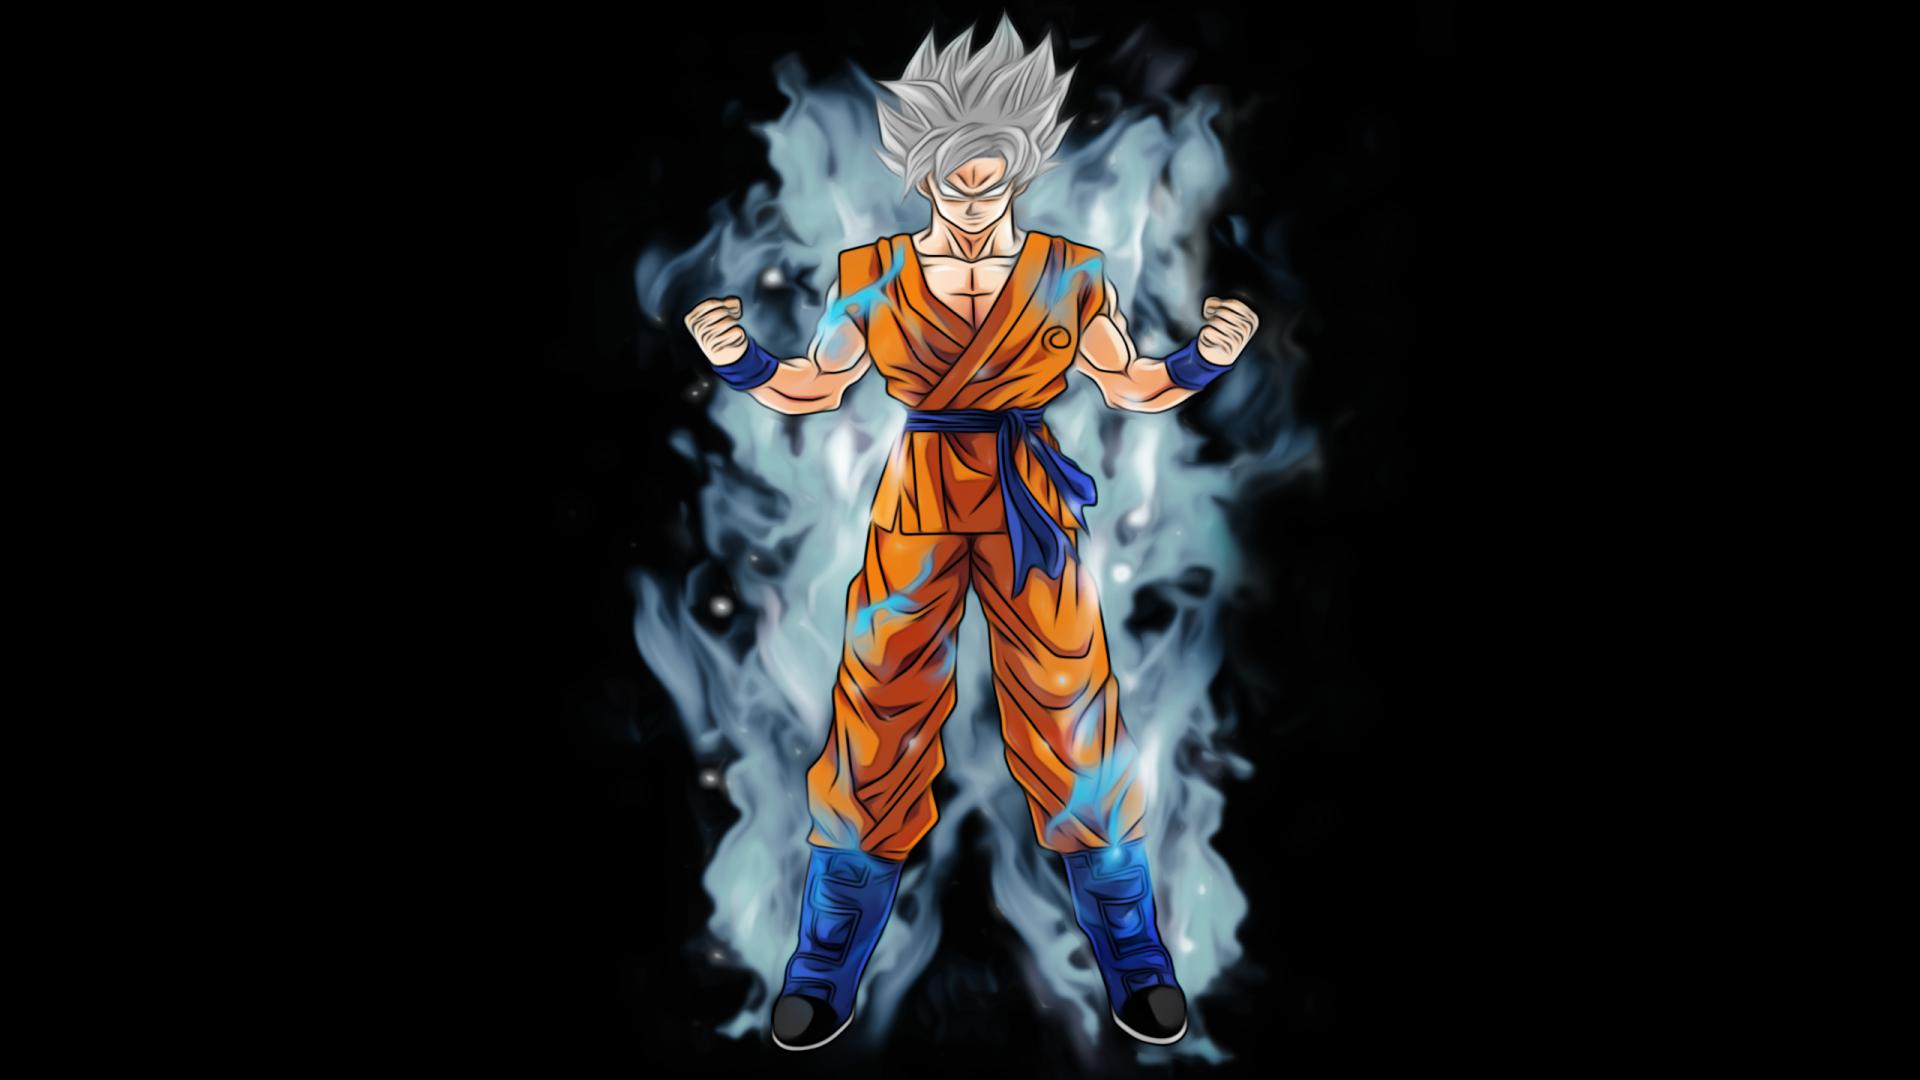 动漫 - 龙珠超  Goku Super Saiyan 壁纸